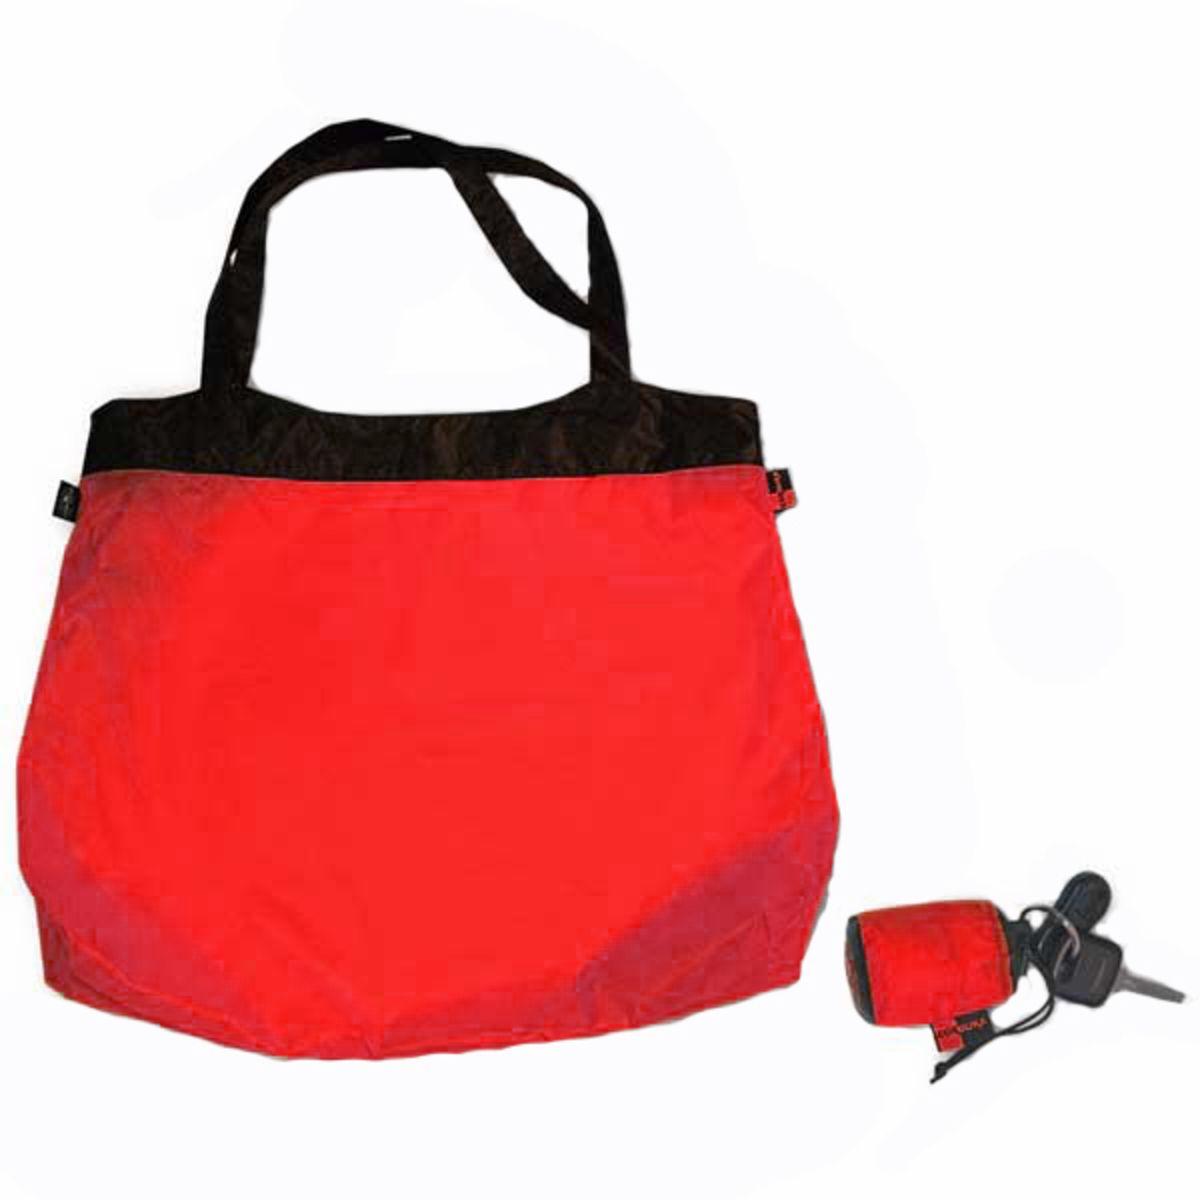 Sea To Summit Ultra-Sil Shopping Bag 25 l - taška Barva: red, Objem: 25